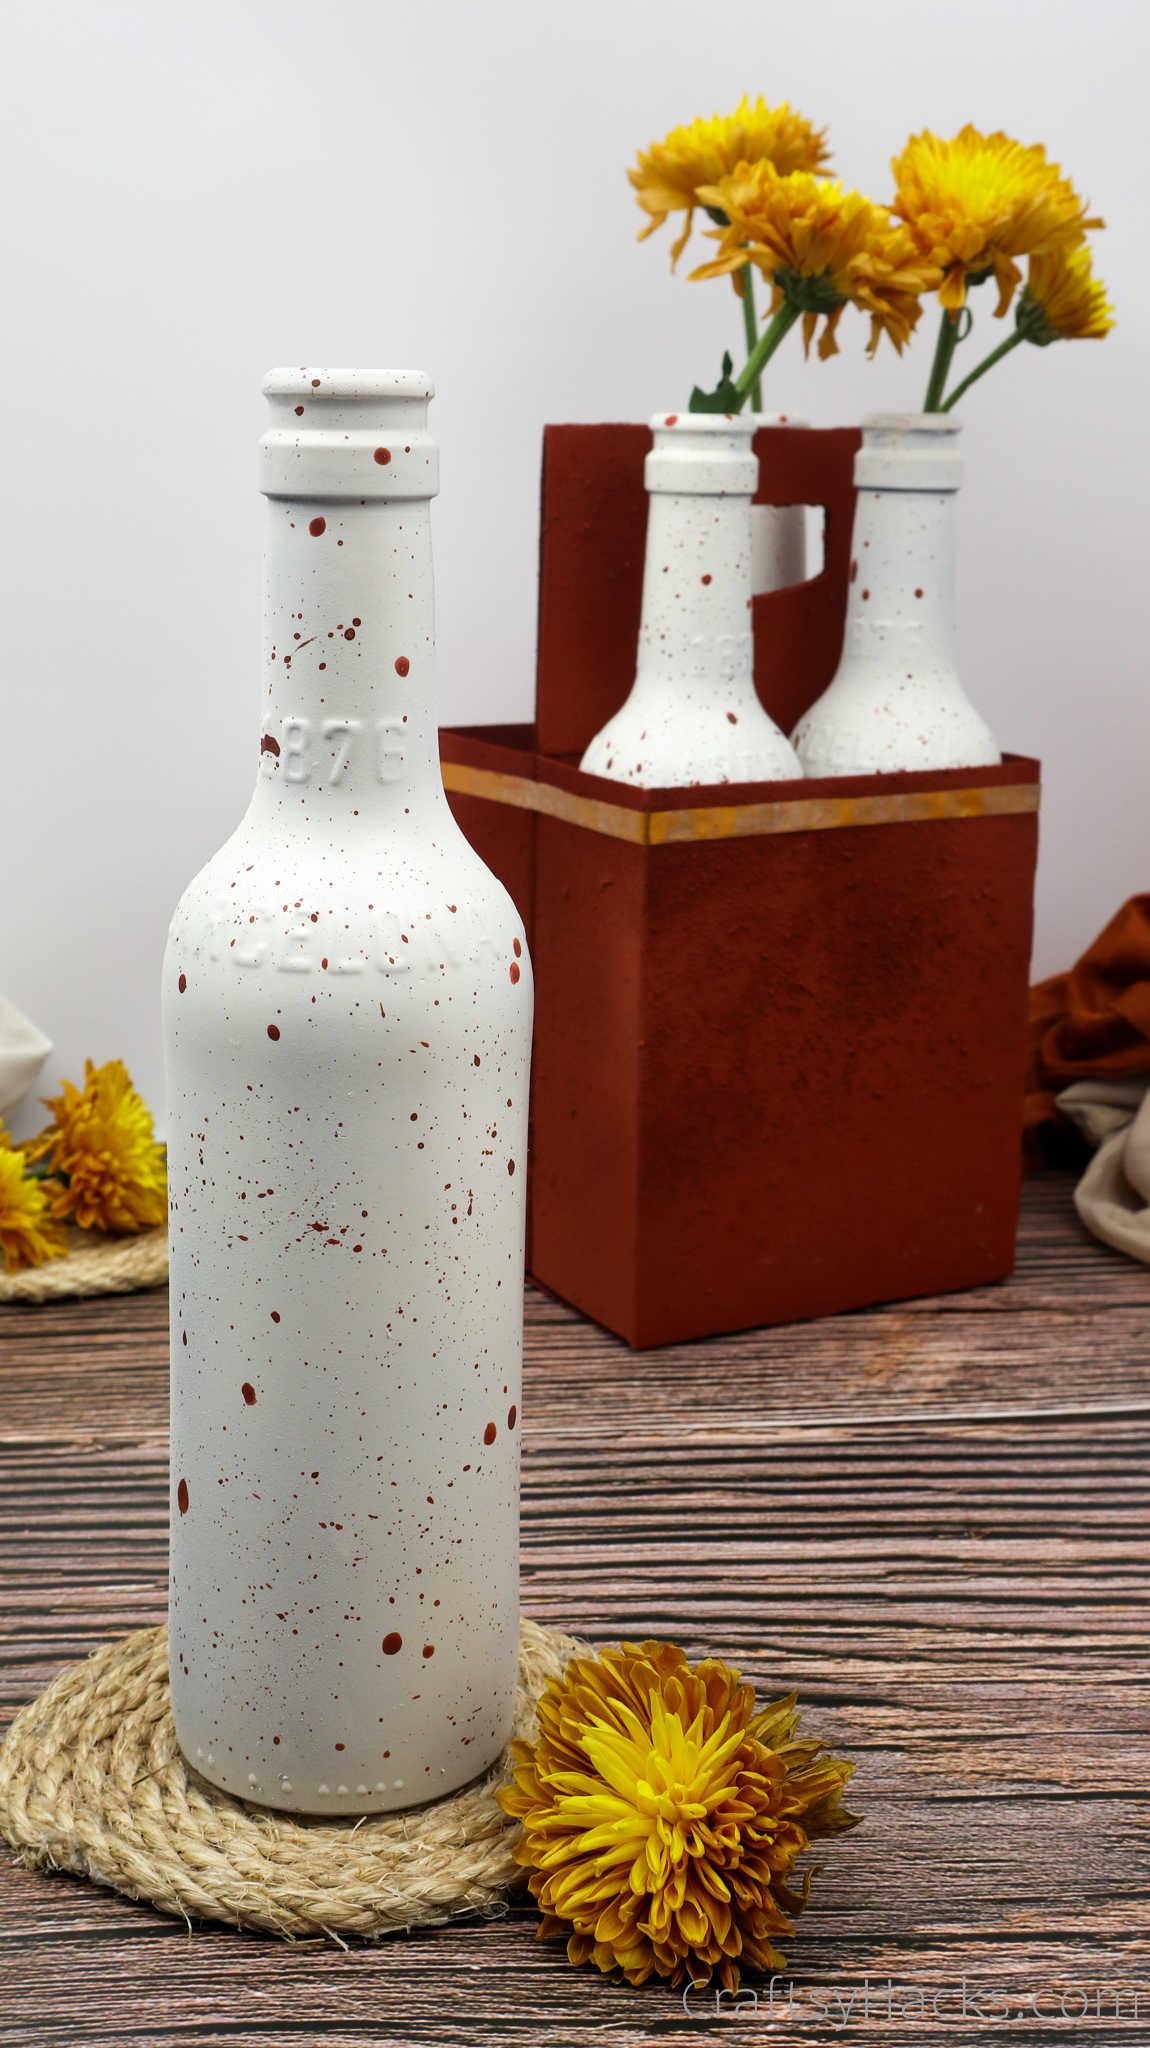 bottle with paint splatter